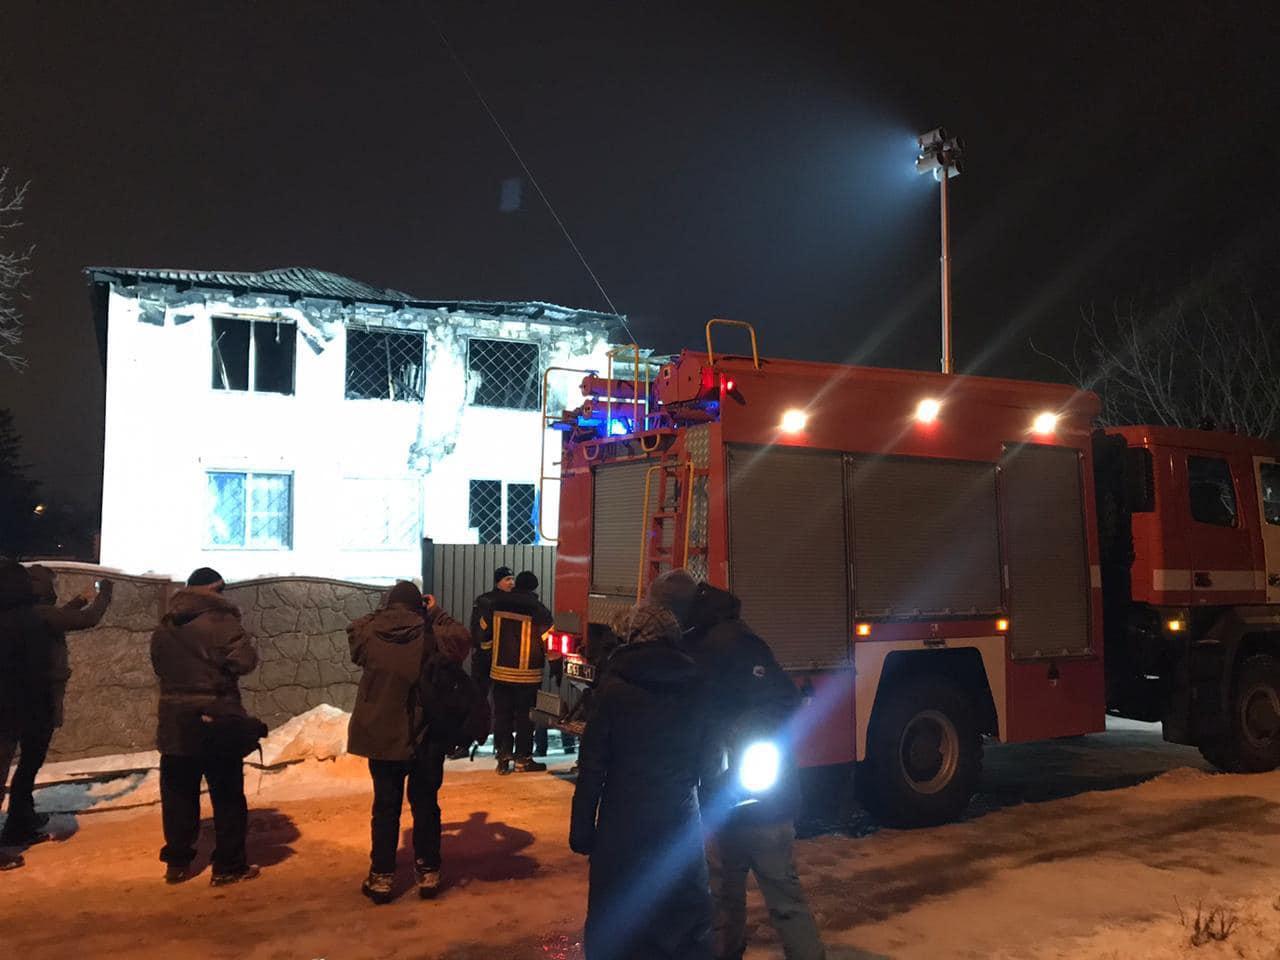 Траур у Харкові: уряд обіцяє допомогти постраждалим - смерть, пожежа, масштабна пожежа, літні люди, загиблі - 141425064 292587045589780 7118788741922444404 o